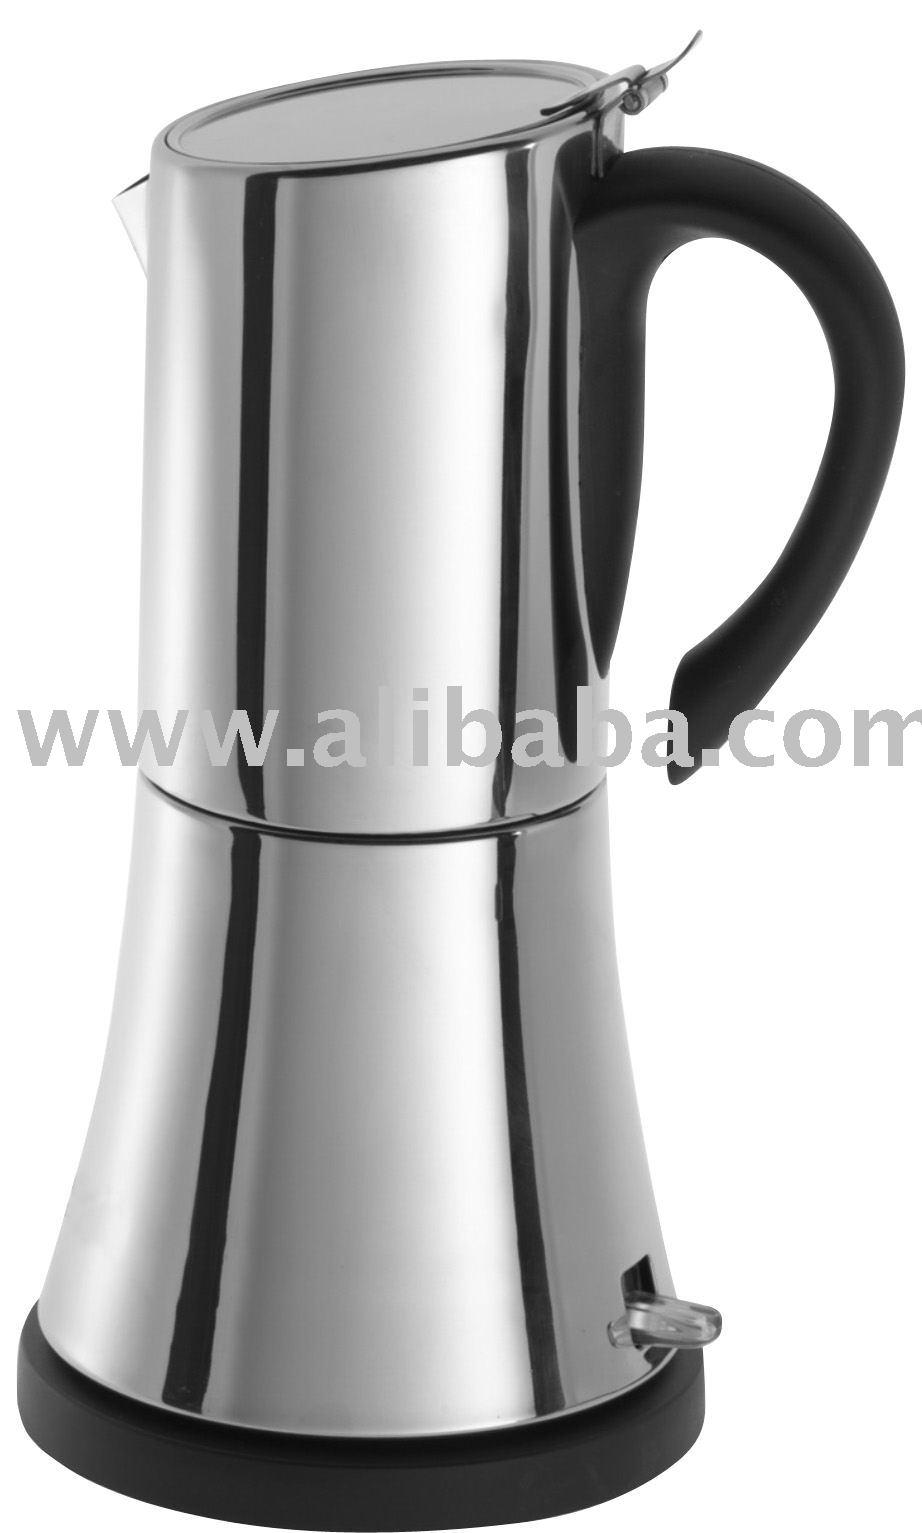 Kaffeemaschine Hersteller Gt Inspirierendes